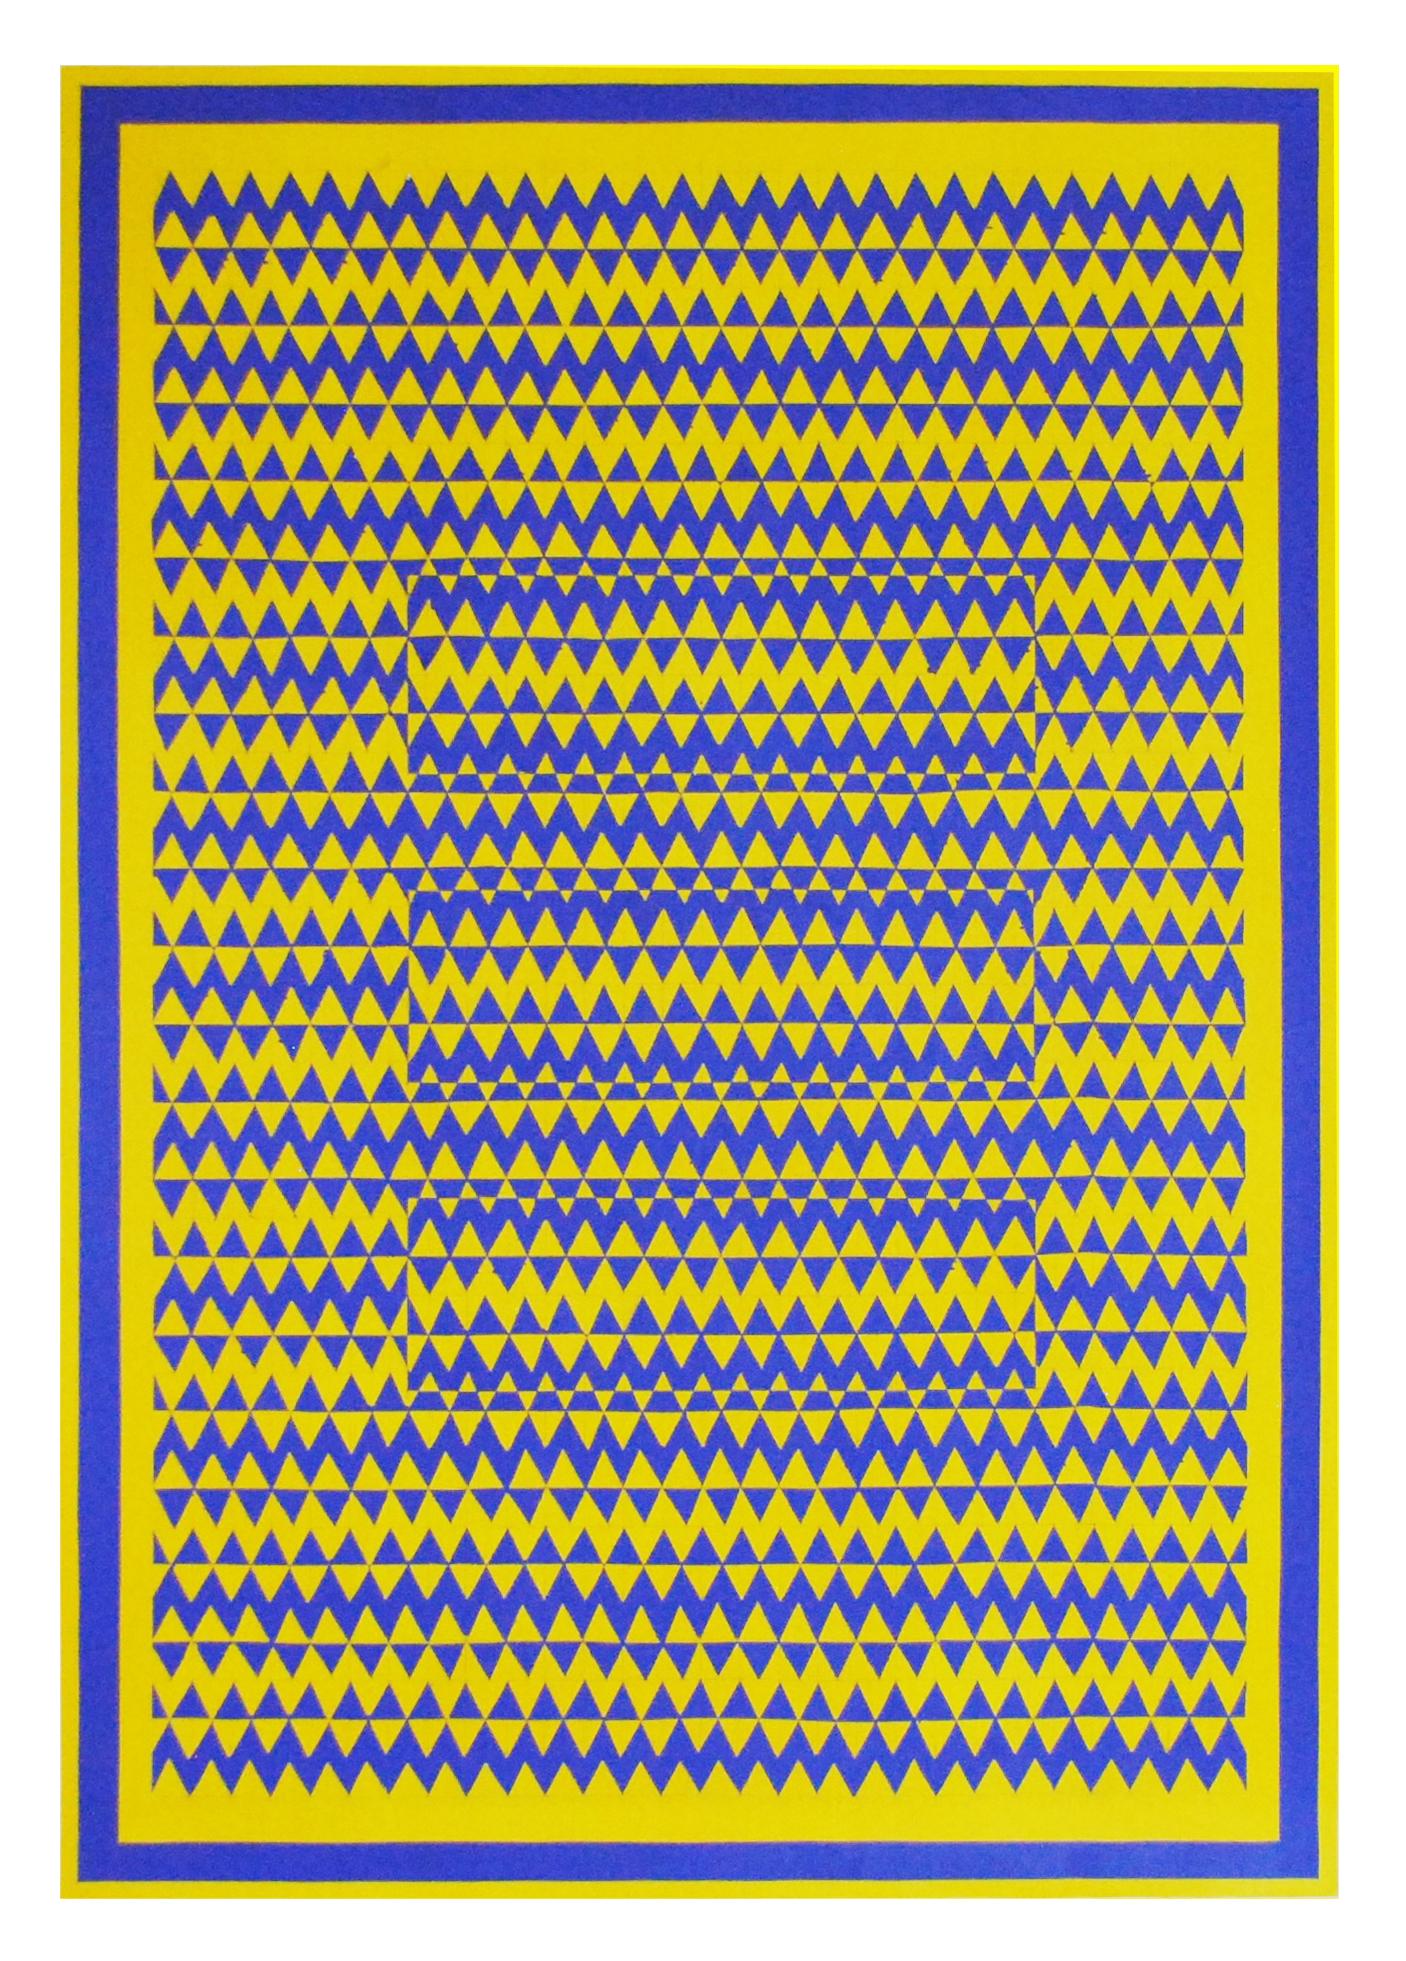 yellowpurple2.jpg